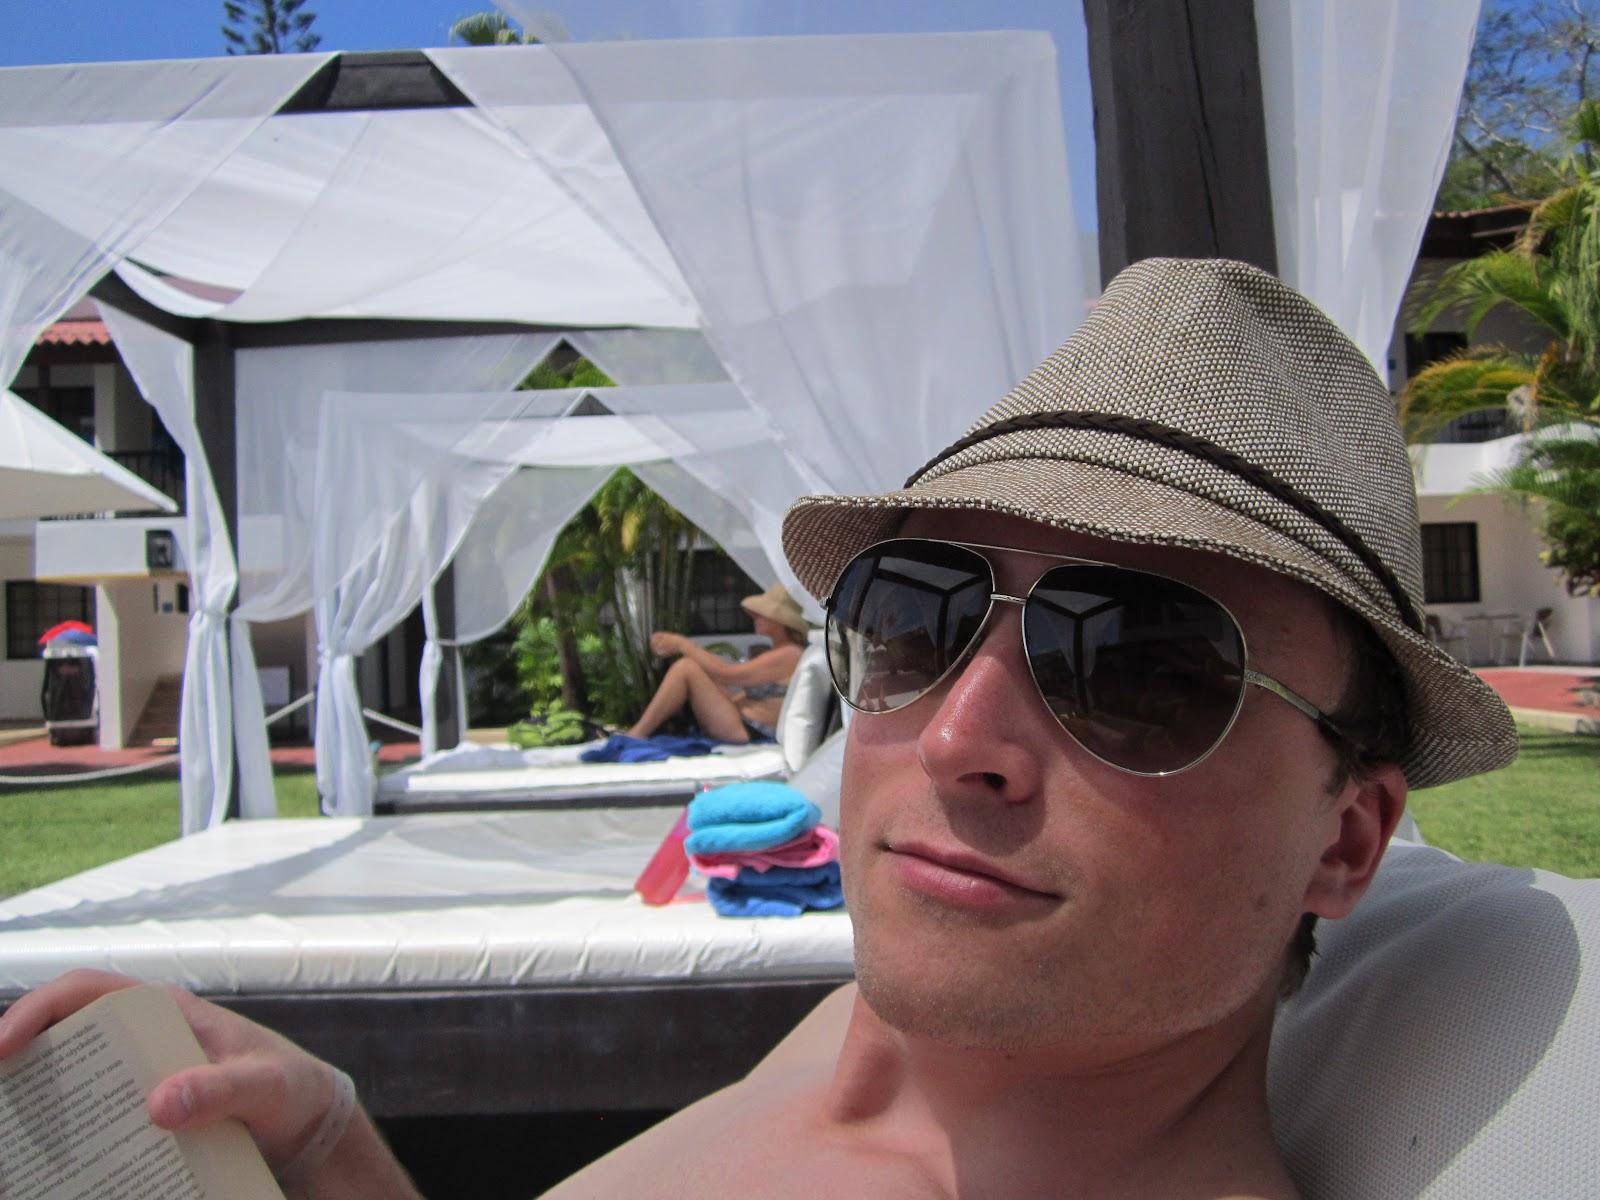 Joakim chillar i en säng vid poolen. bcd418d64695e